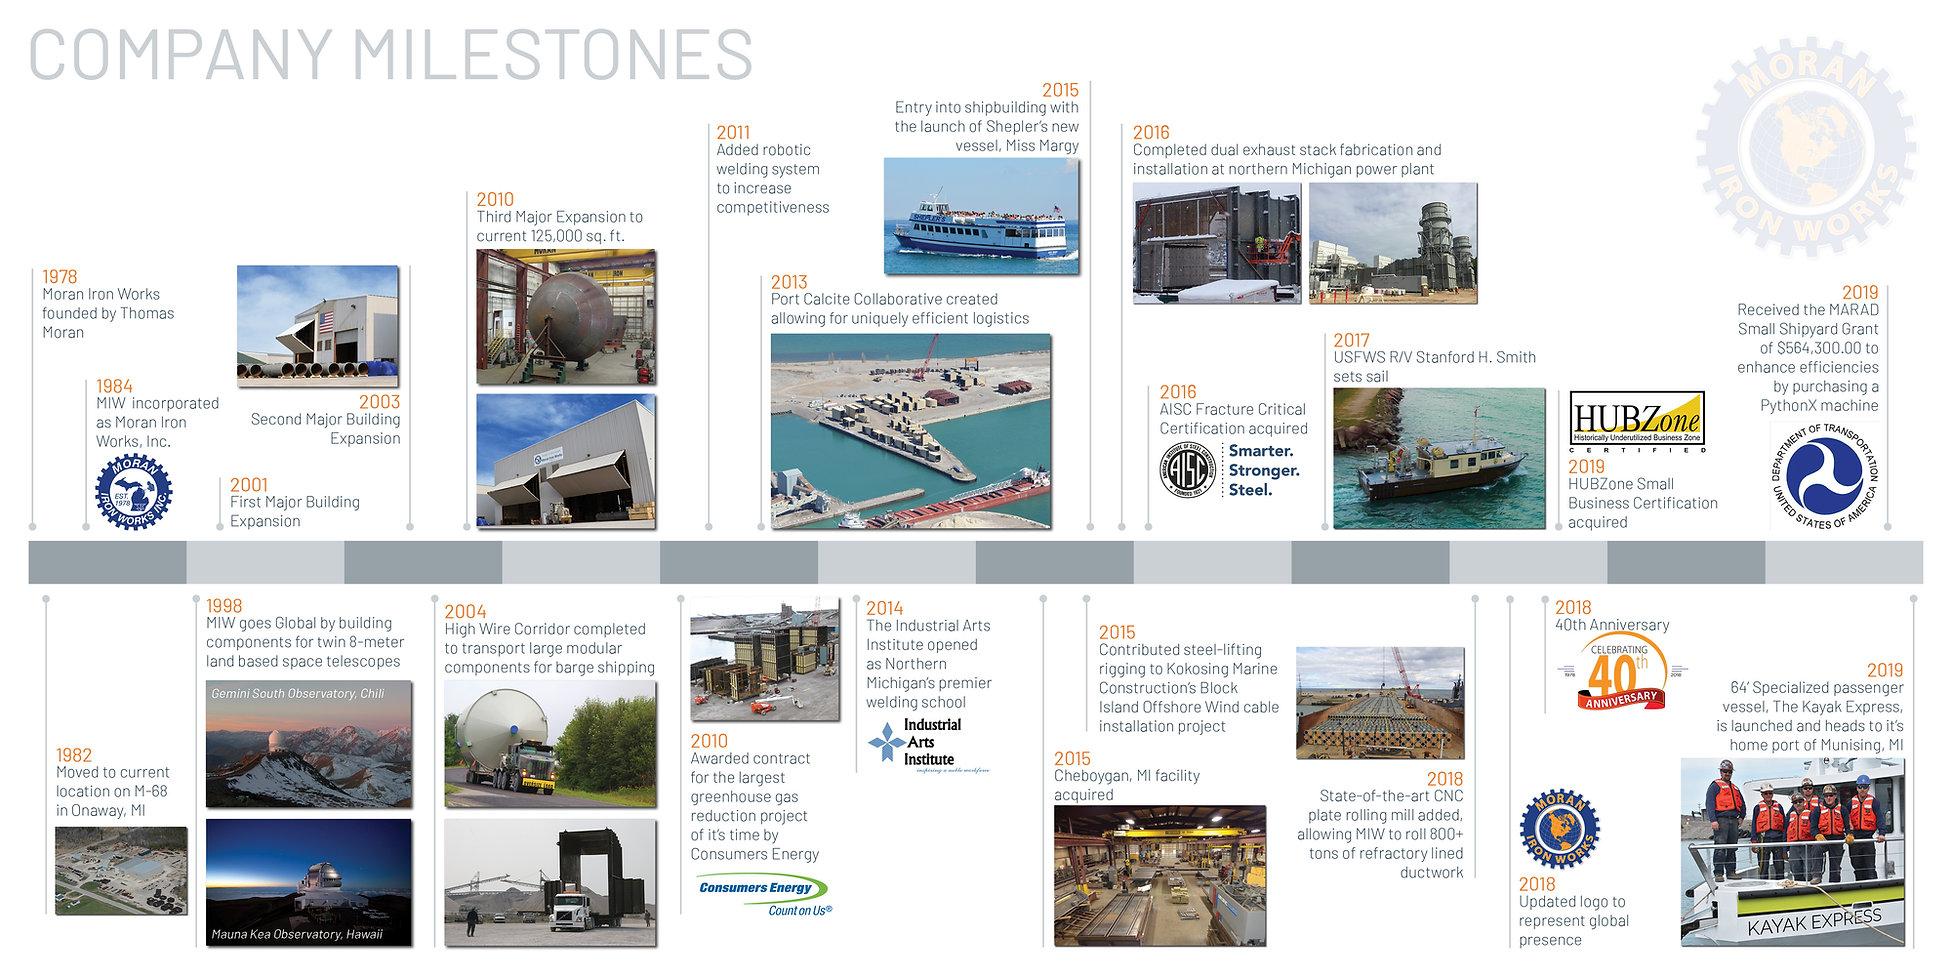 Company Milestones.jpg